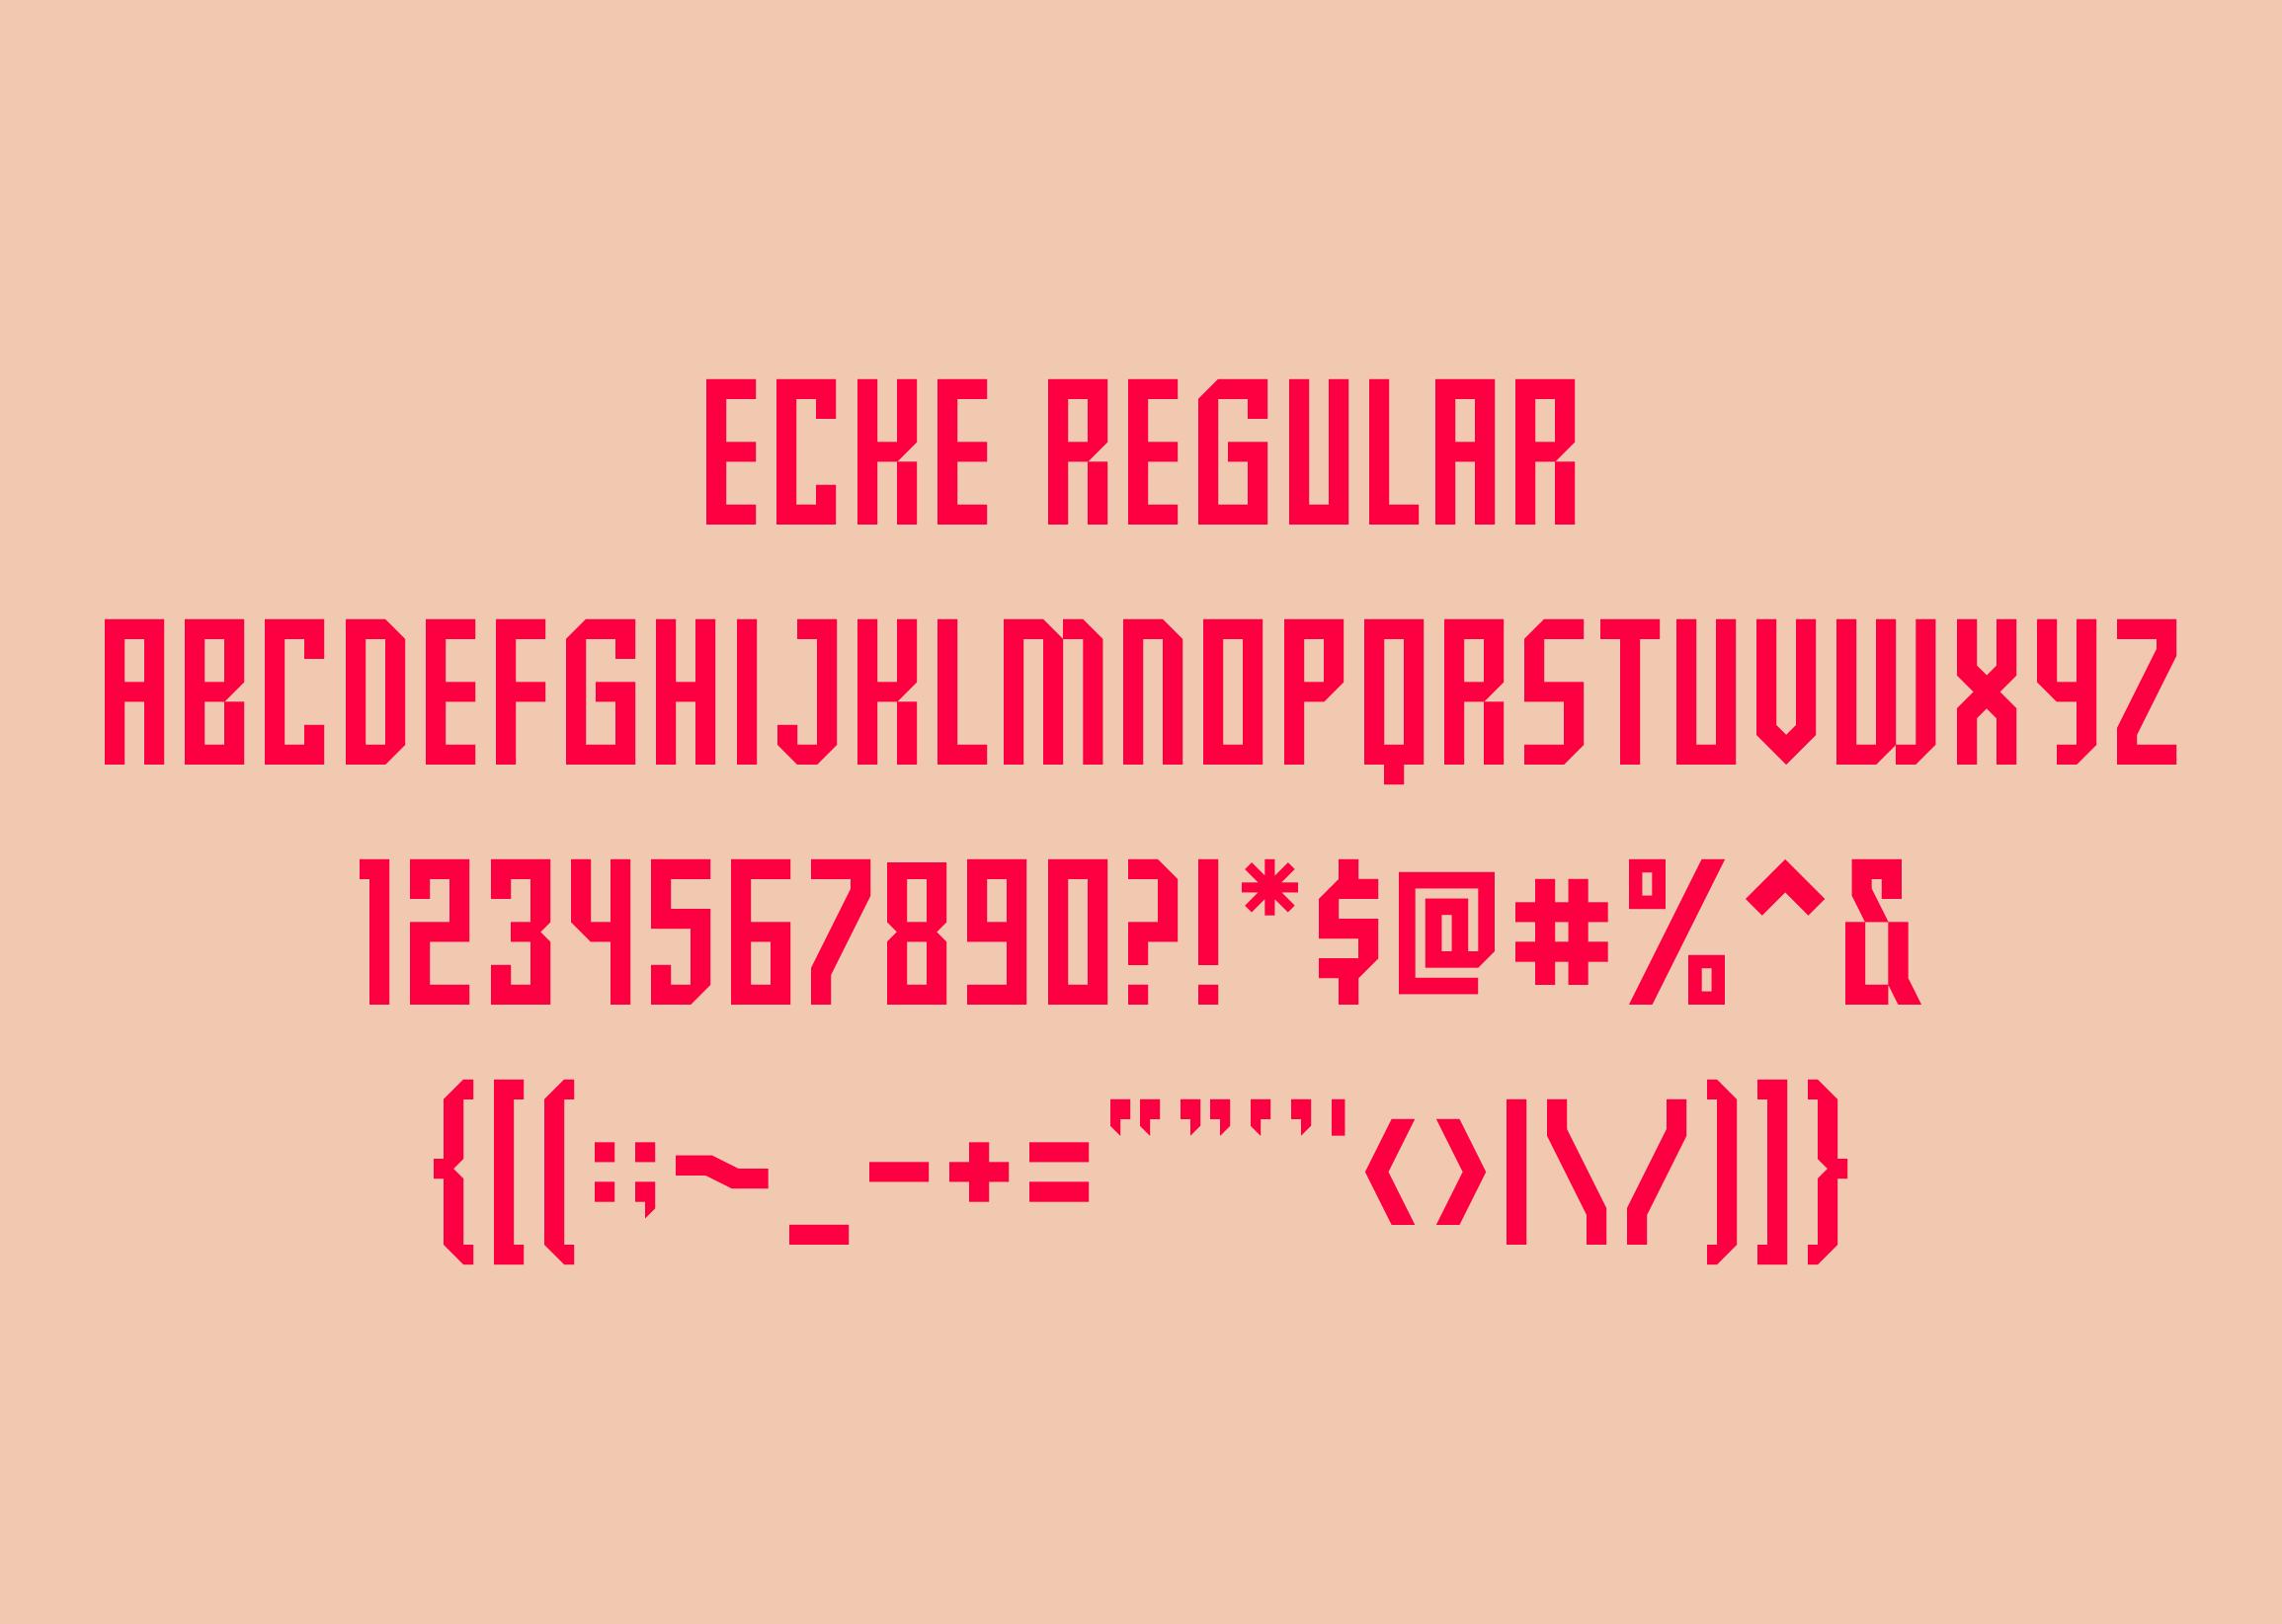 ECKE SPECIMEN DE016.png